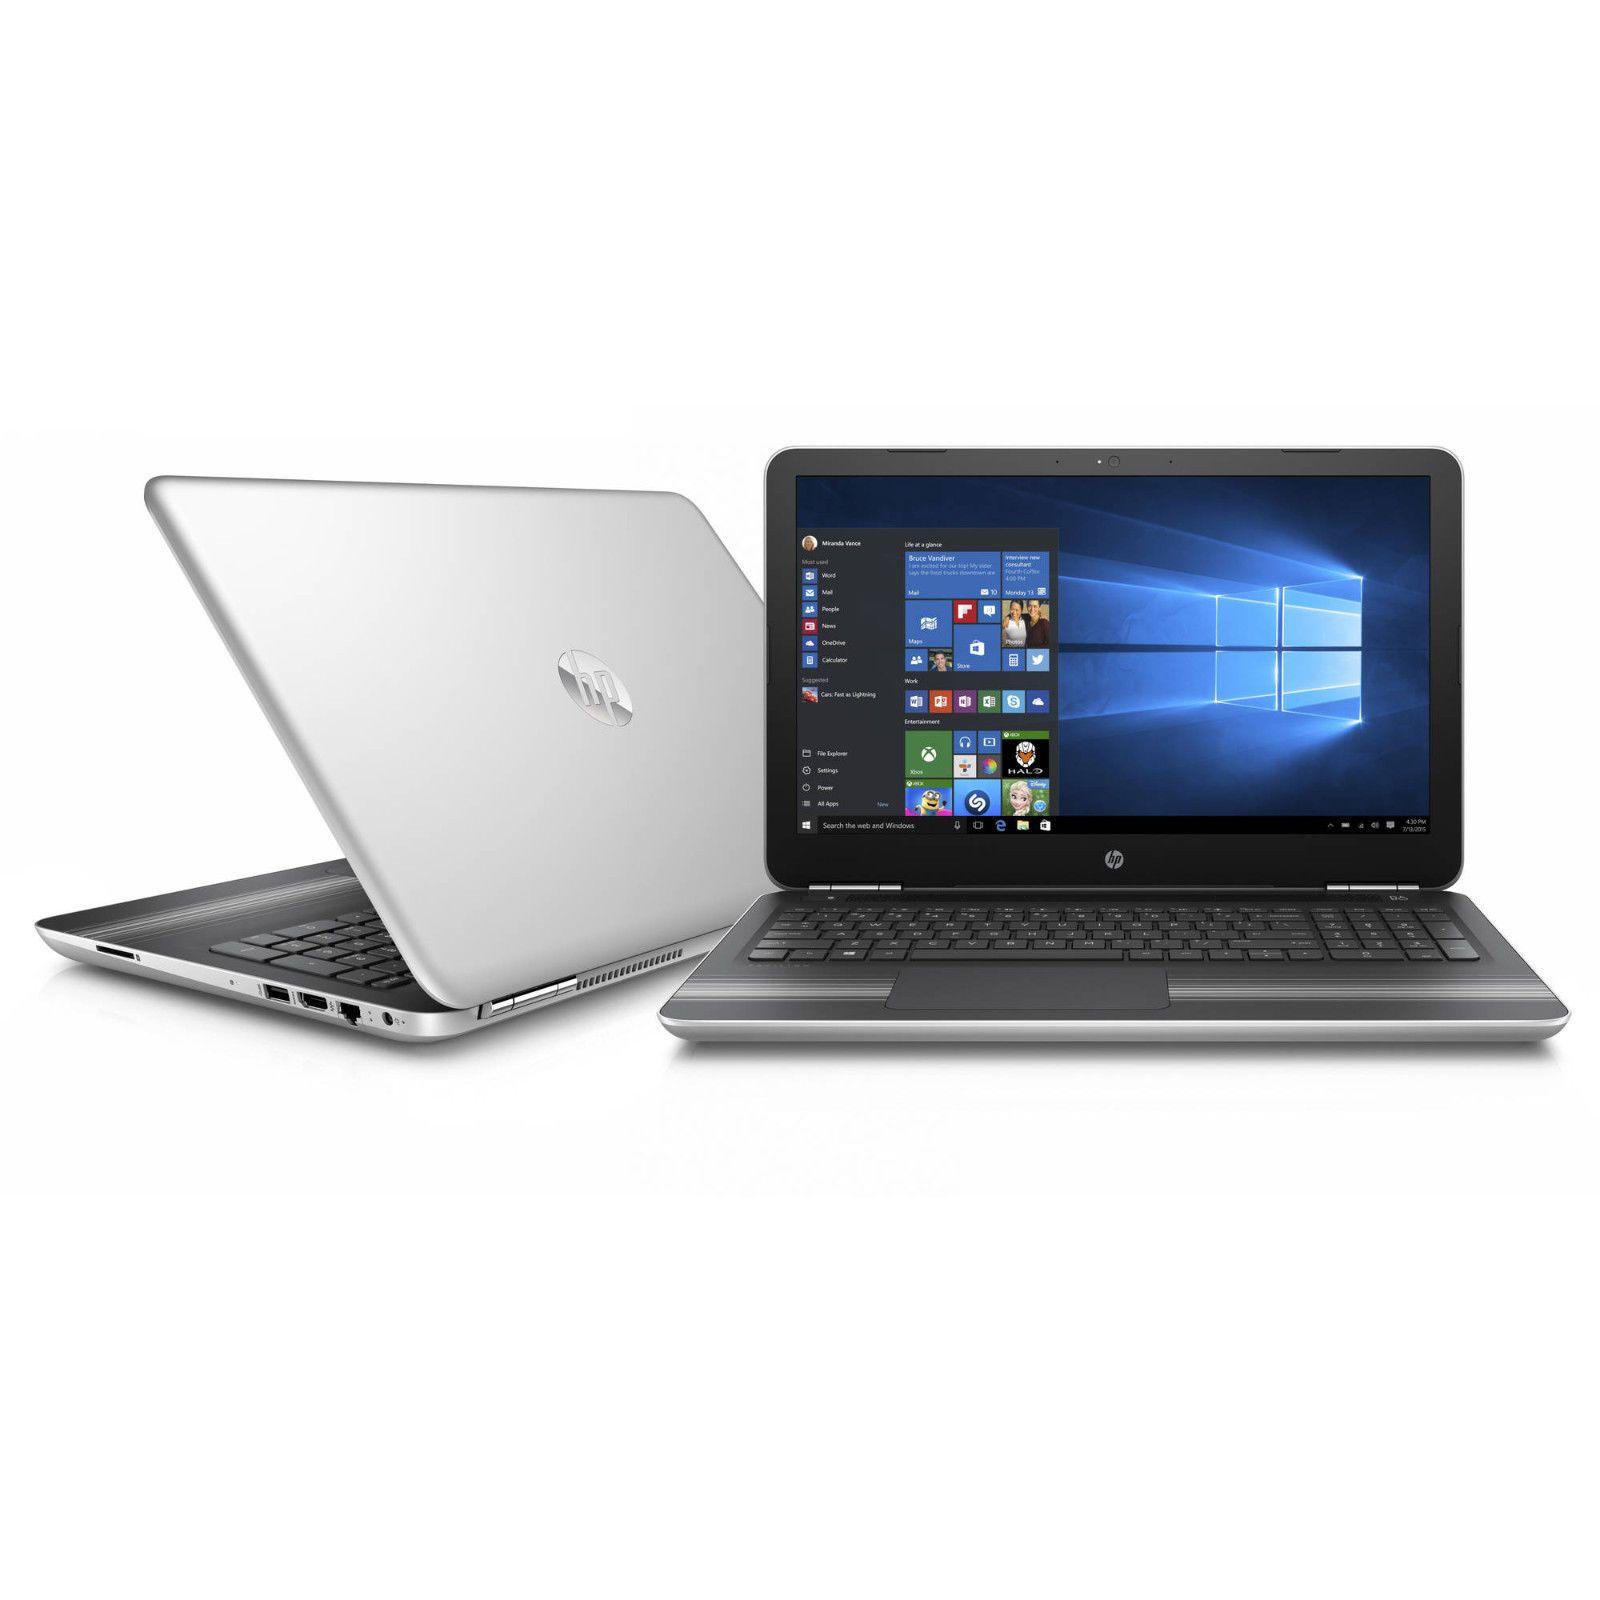 New Hp 15 6 Intel I7 6500u 2 5ghz Nvidia Geforce 940mx 12gb 1tb Dvdrw Win 10 Hp Pavilion New Laptops Hp Laptop